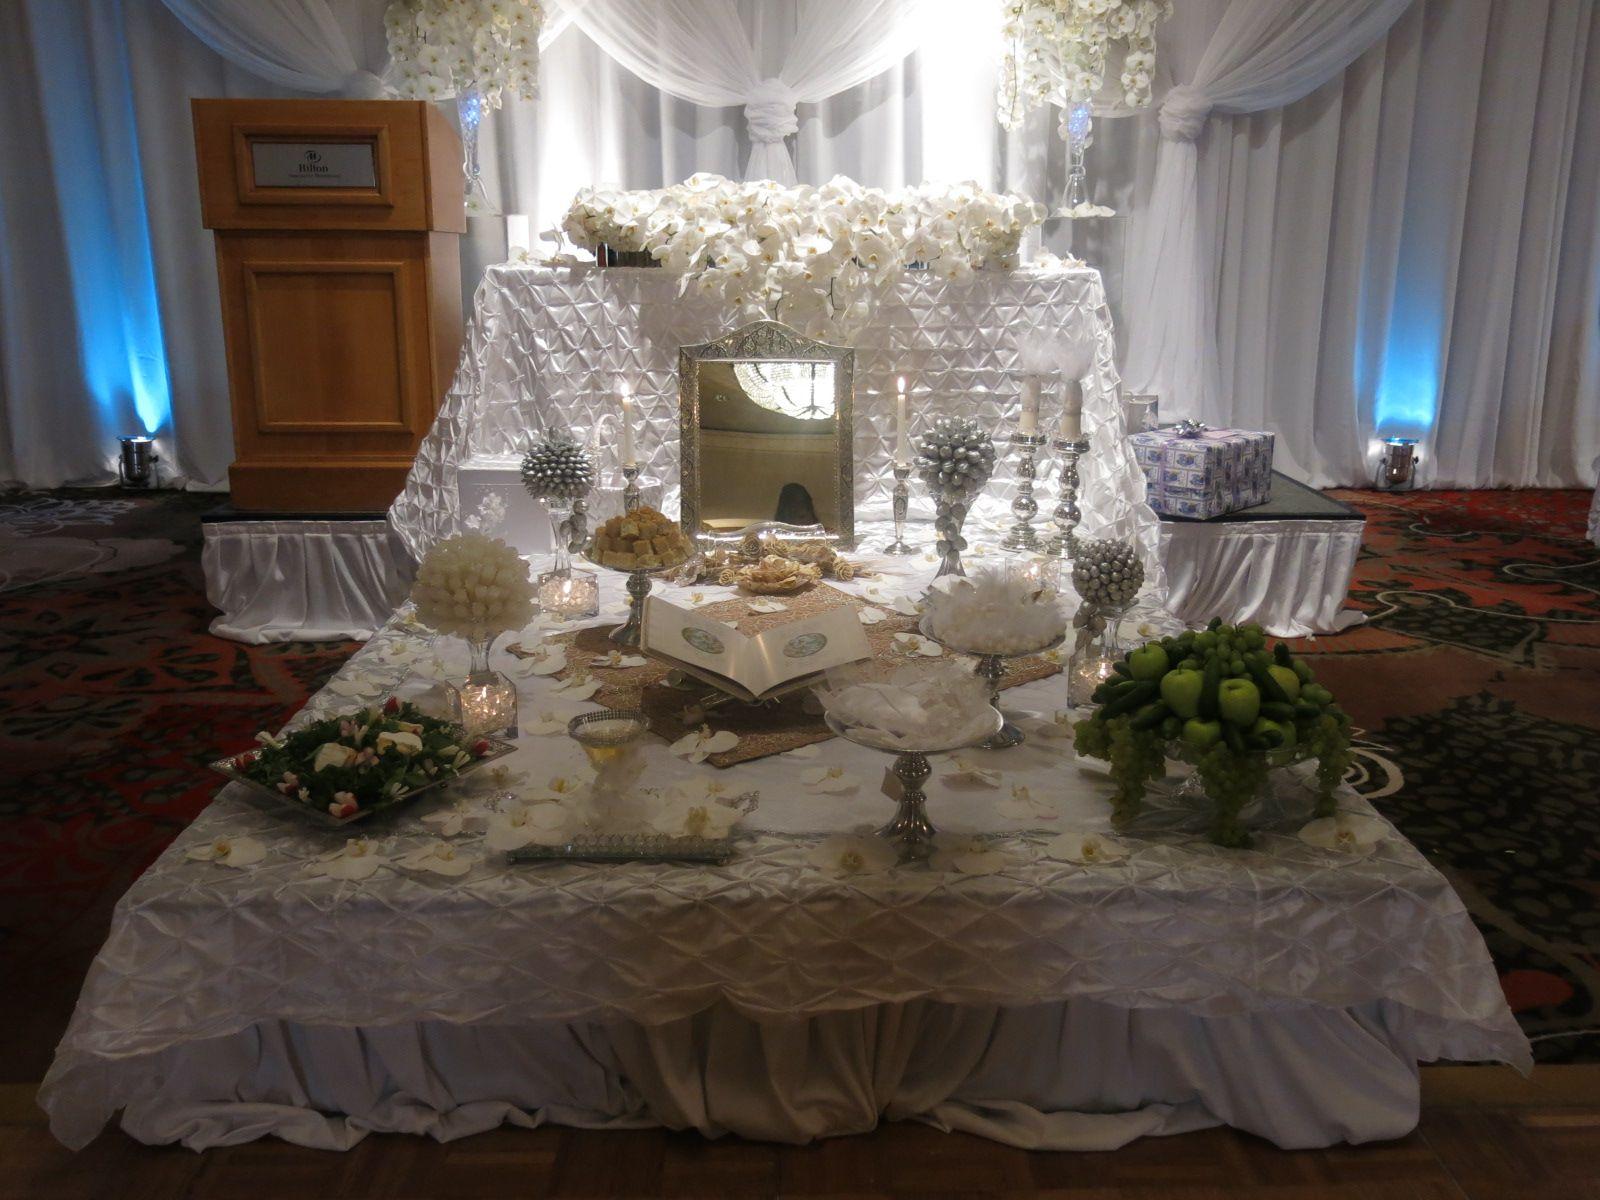 Mediamorfosis wedding venues